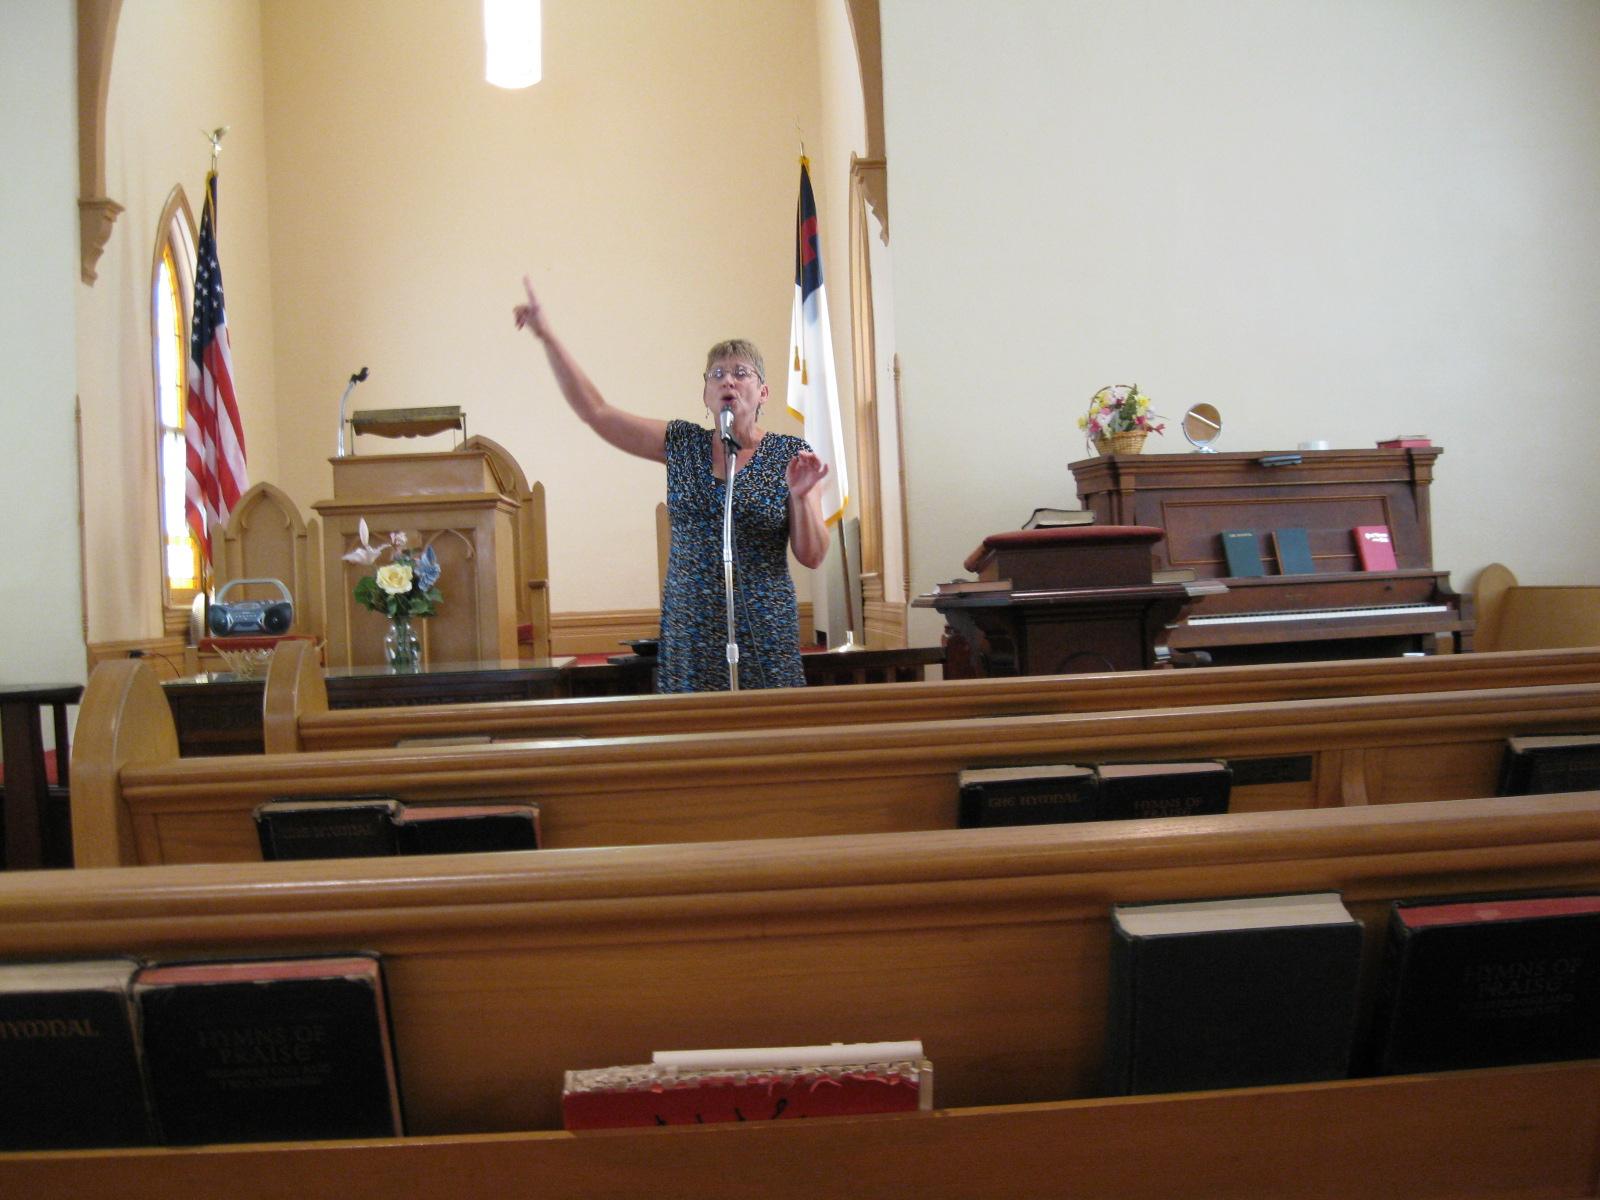 Harvest Home 2011 program